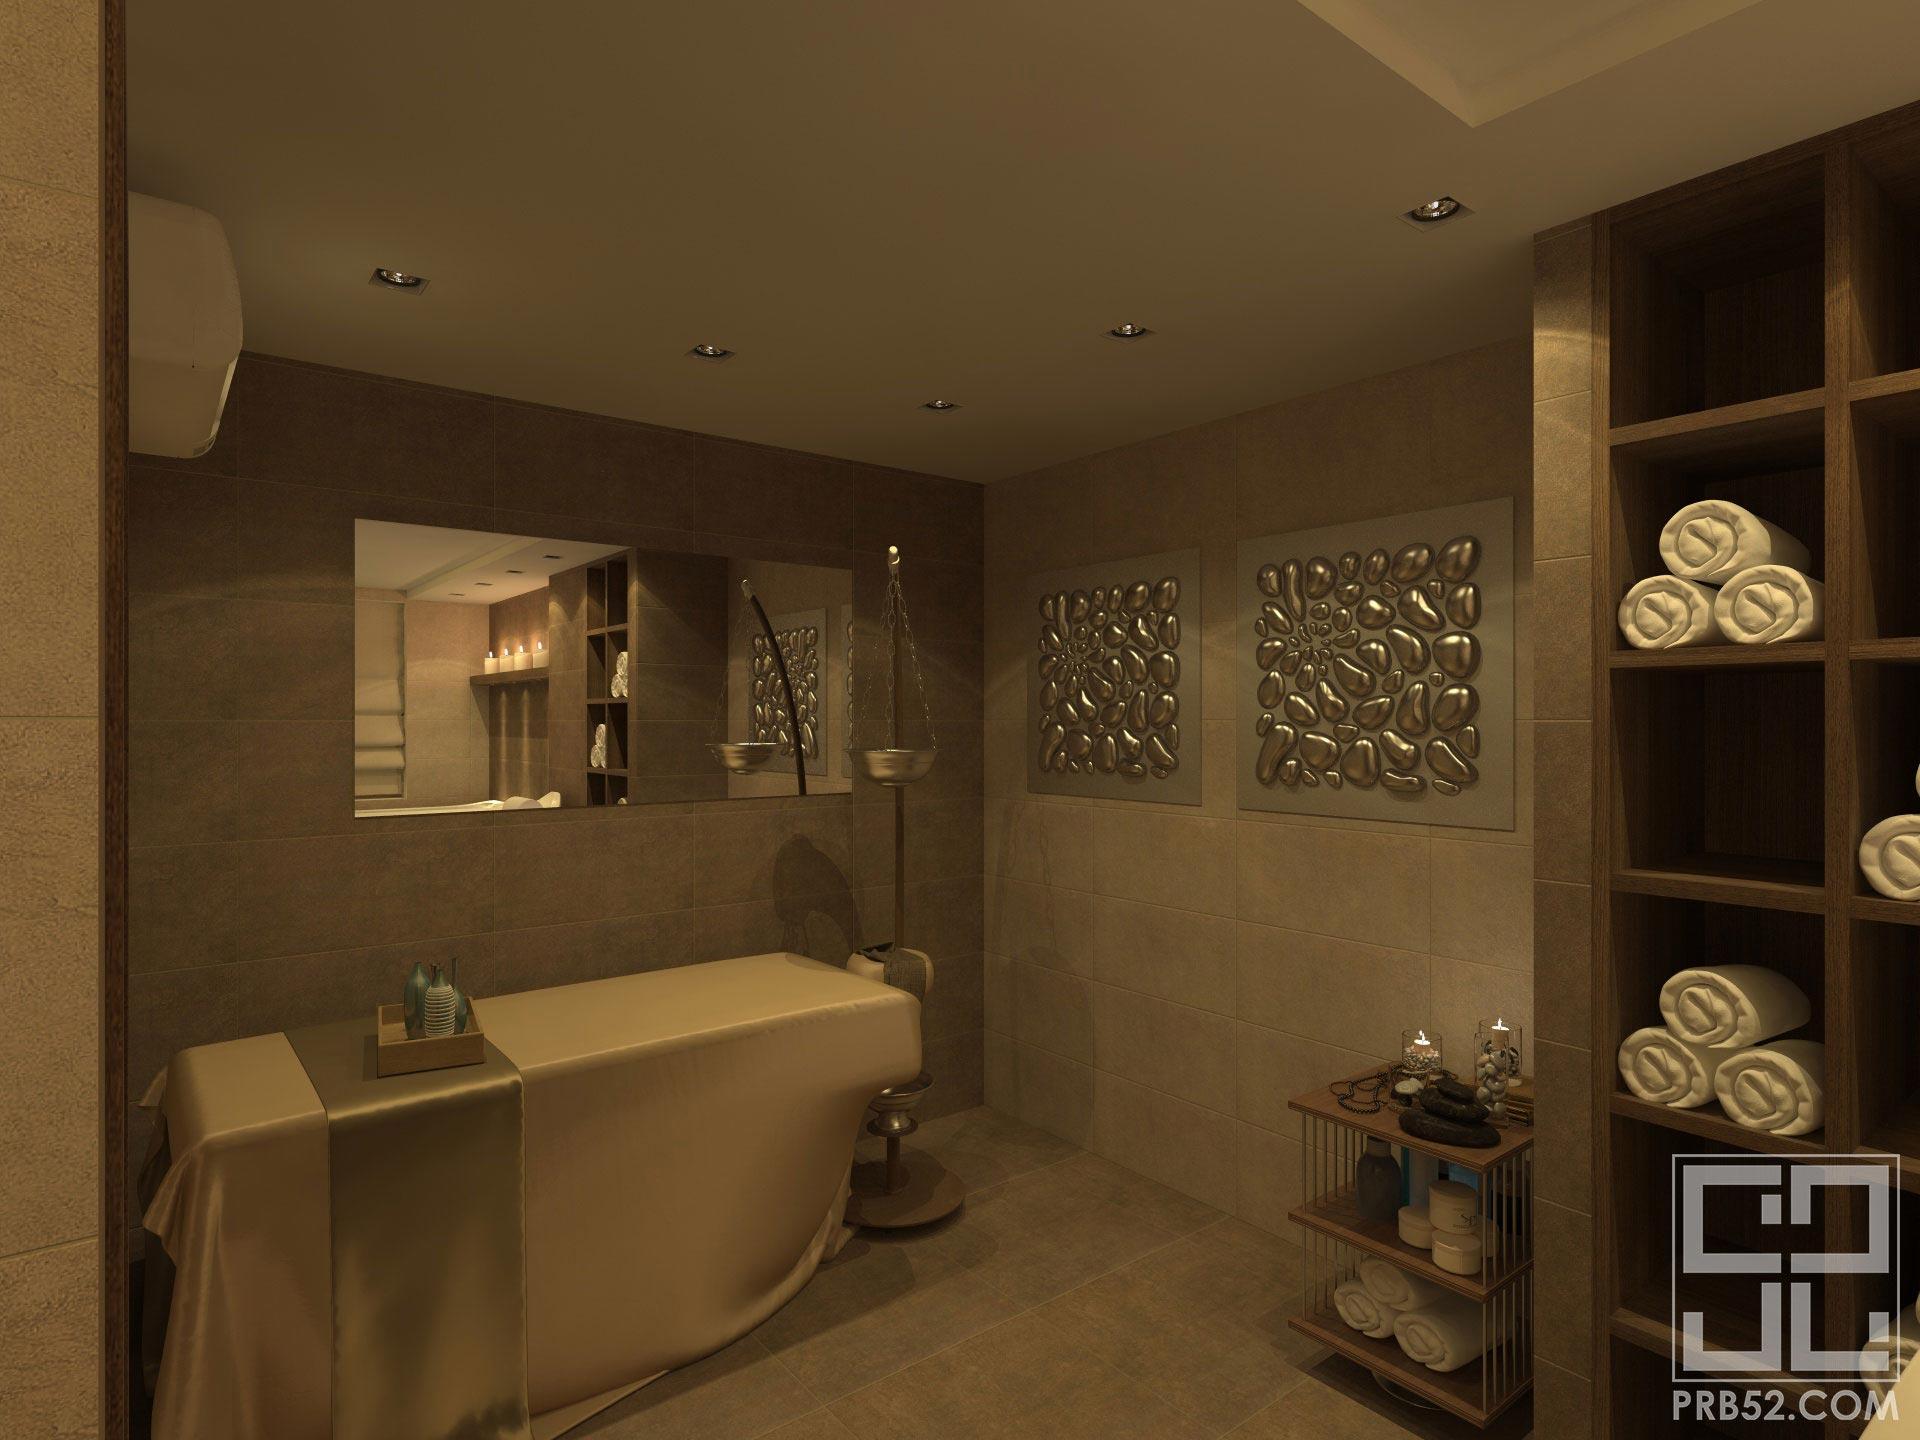 дизайн интерьера салона красоты spa зона